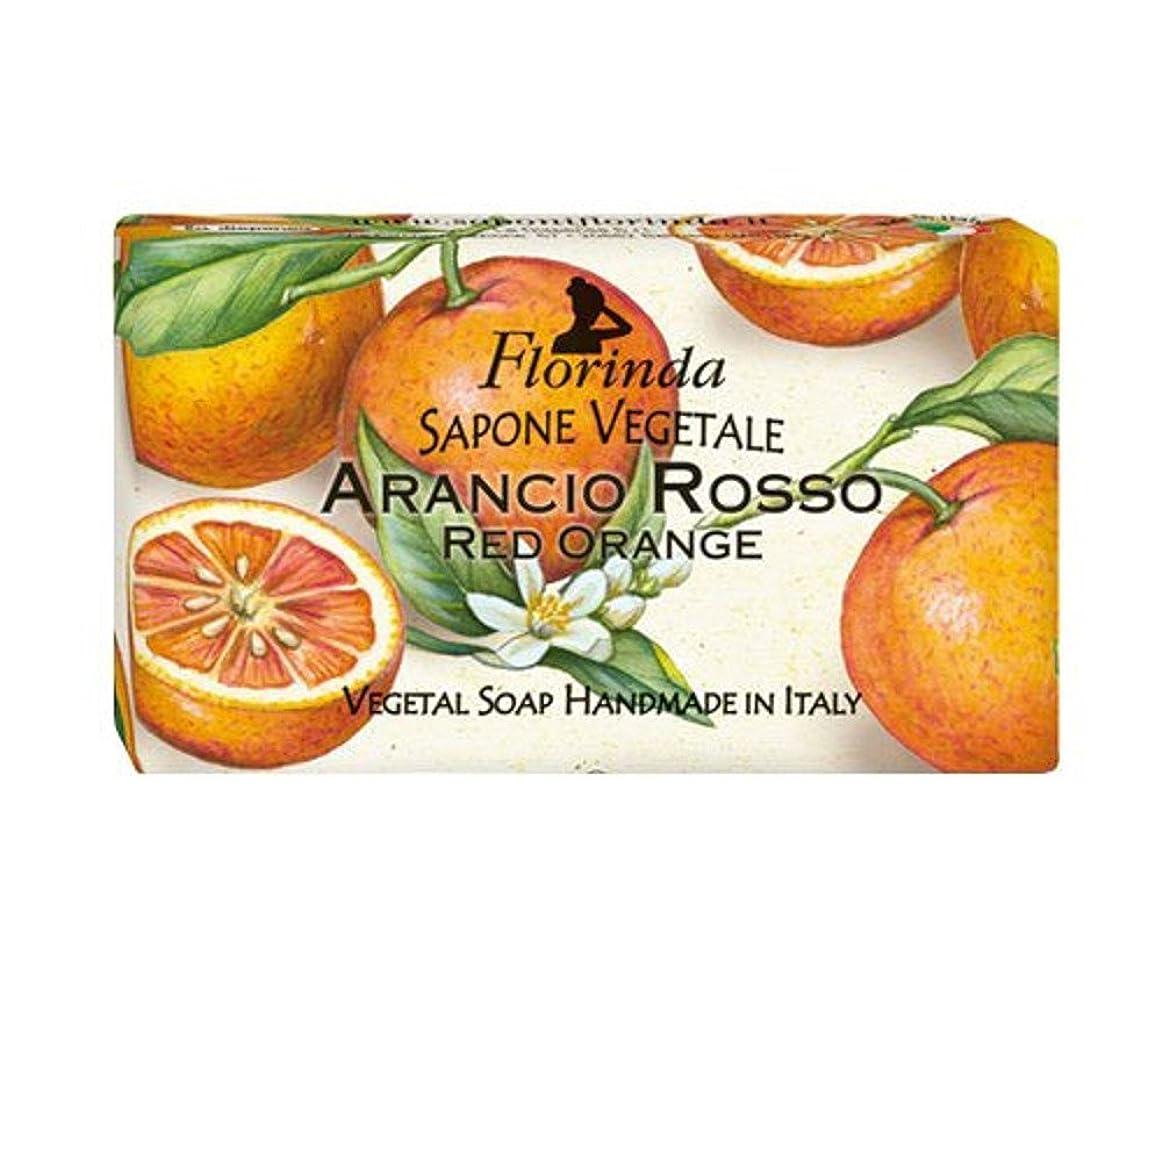 均等に運ぶ逸話Florinda フロリンダ フレグランスソープ フルーツ レッドオレンジ 100g [並行輸入品]